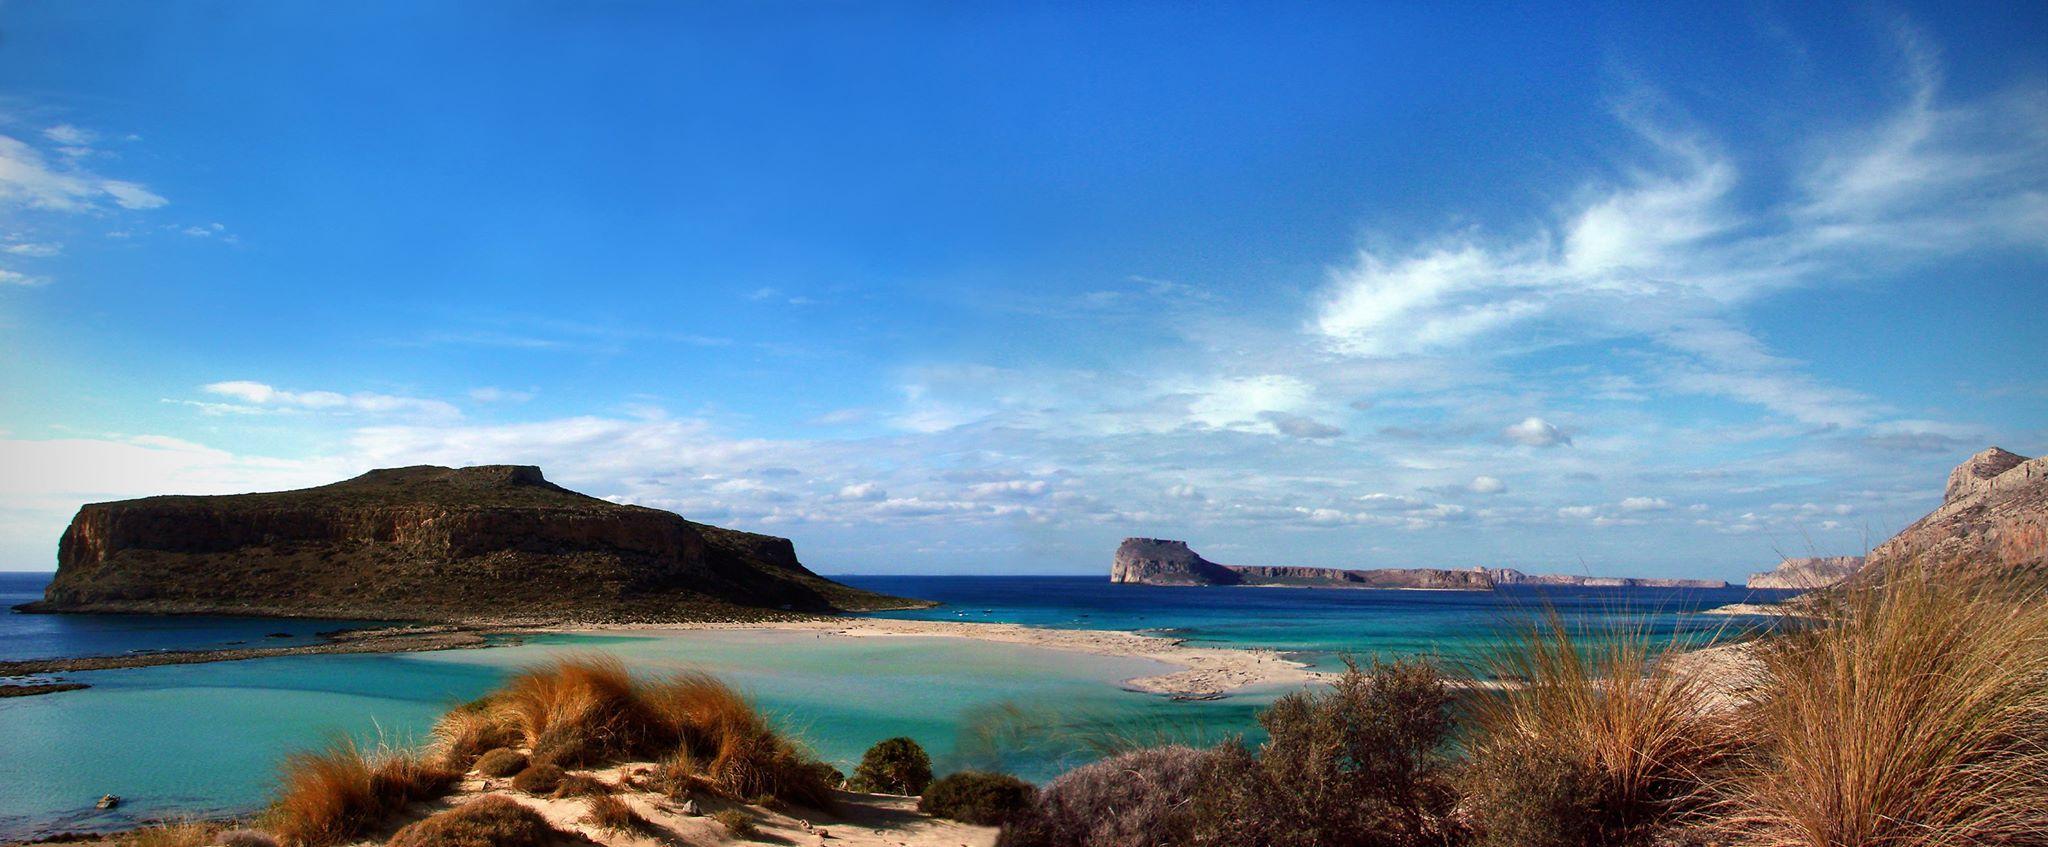 Balos & Gramvousa panorama *  Kissamos Crete